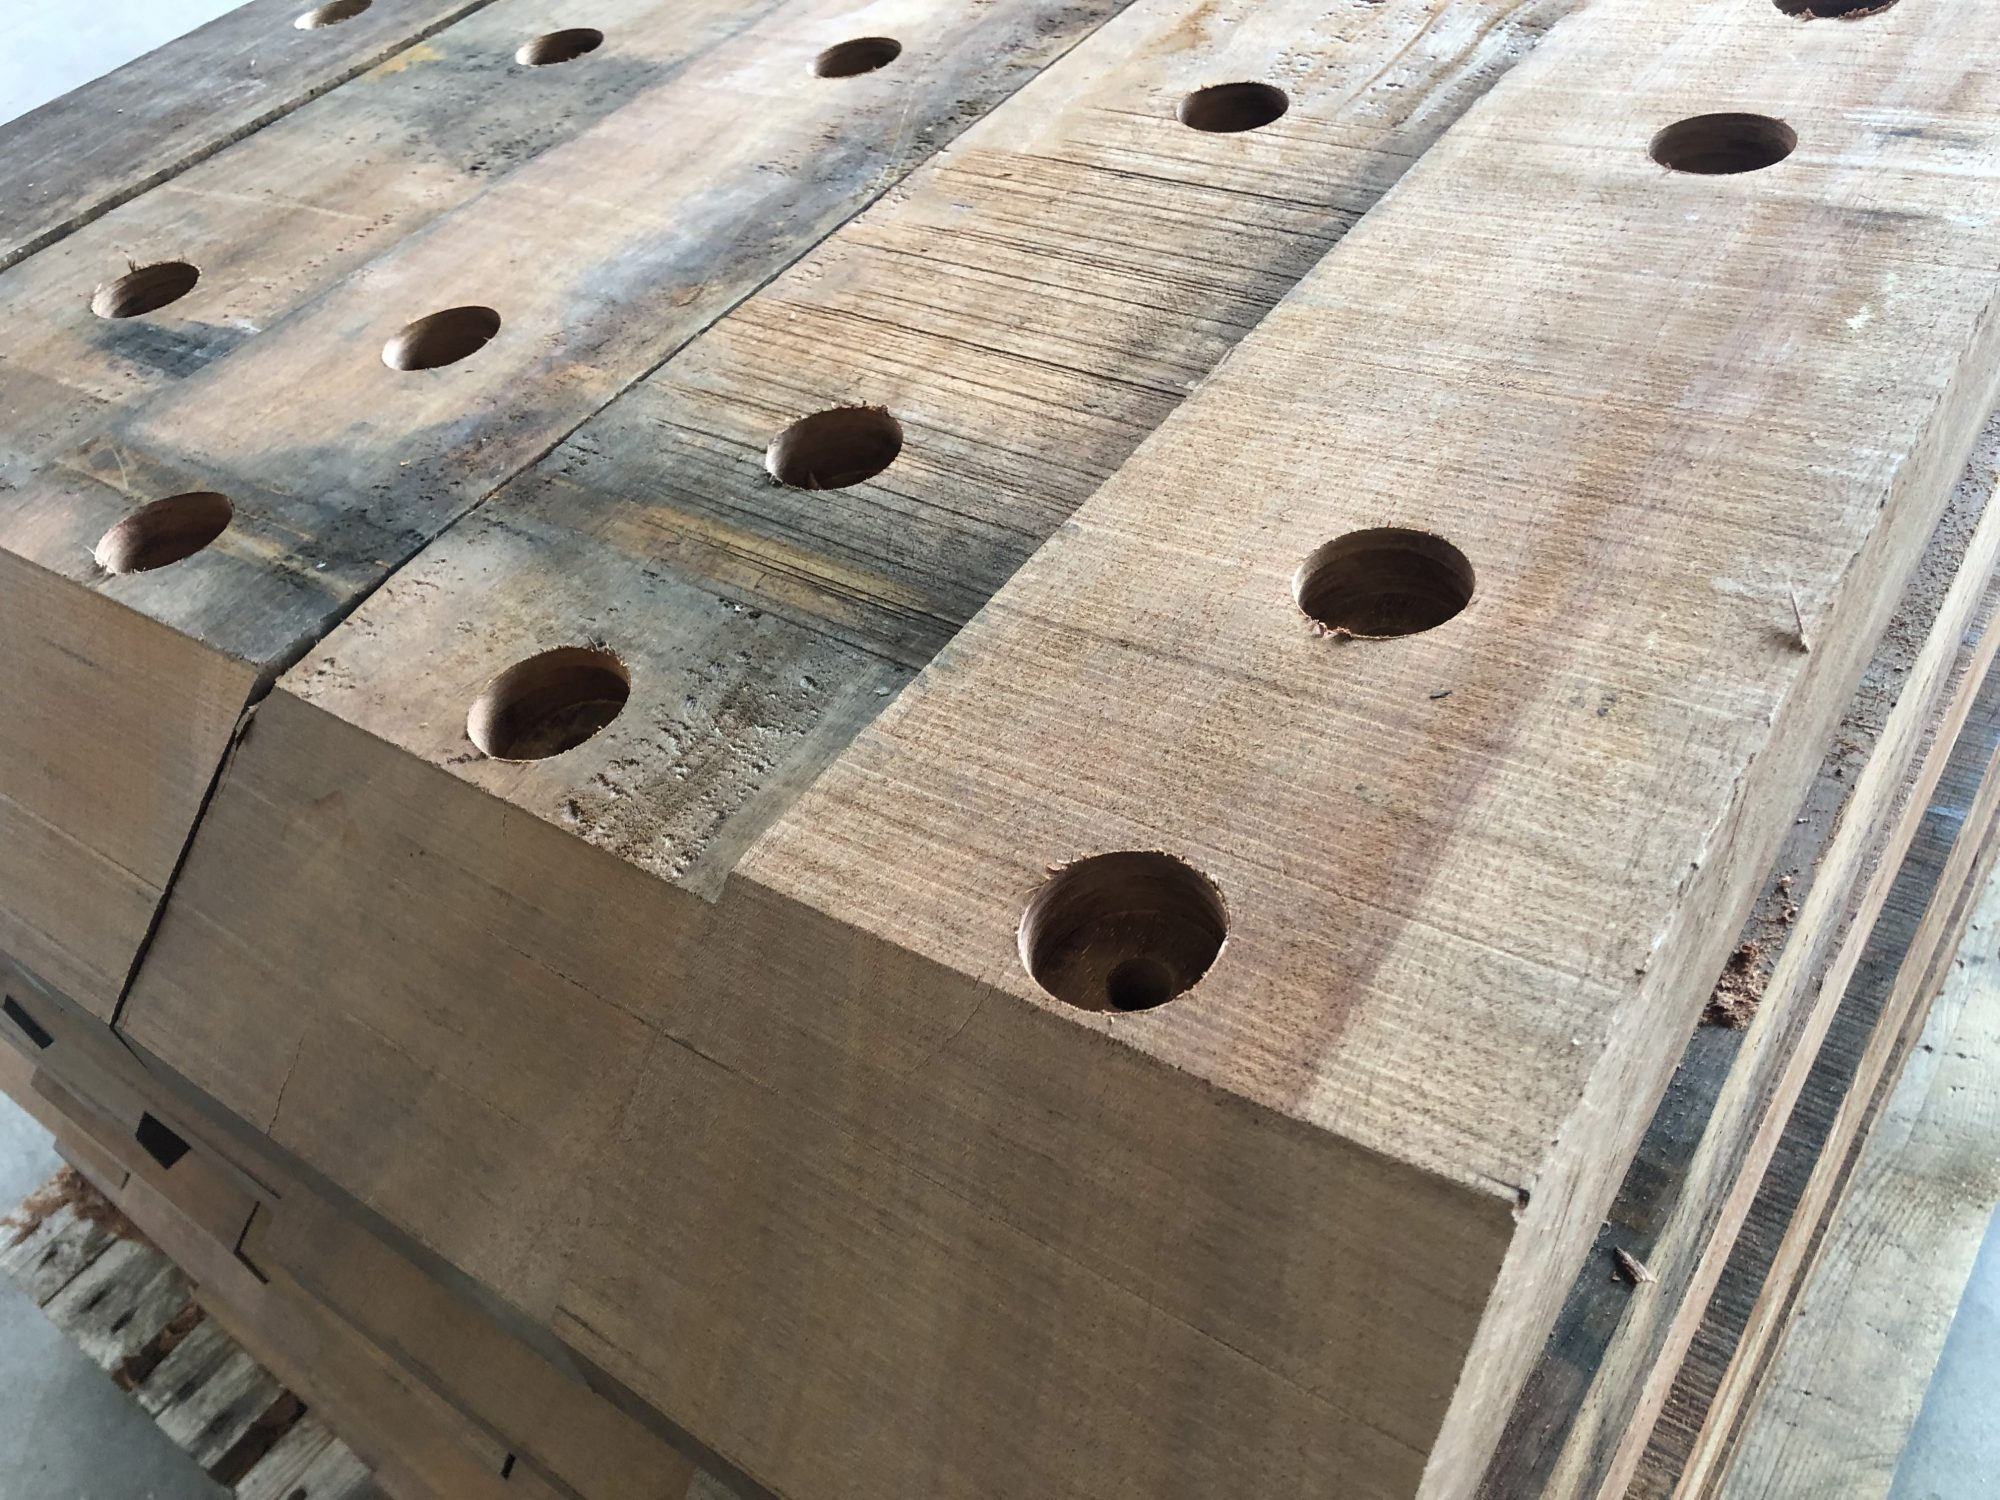 Hardhouten hijsbescherming voor Elia OSY Platfrom